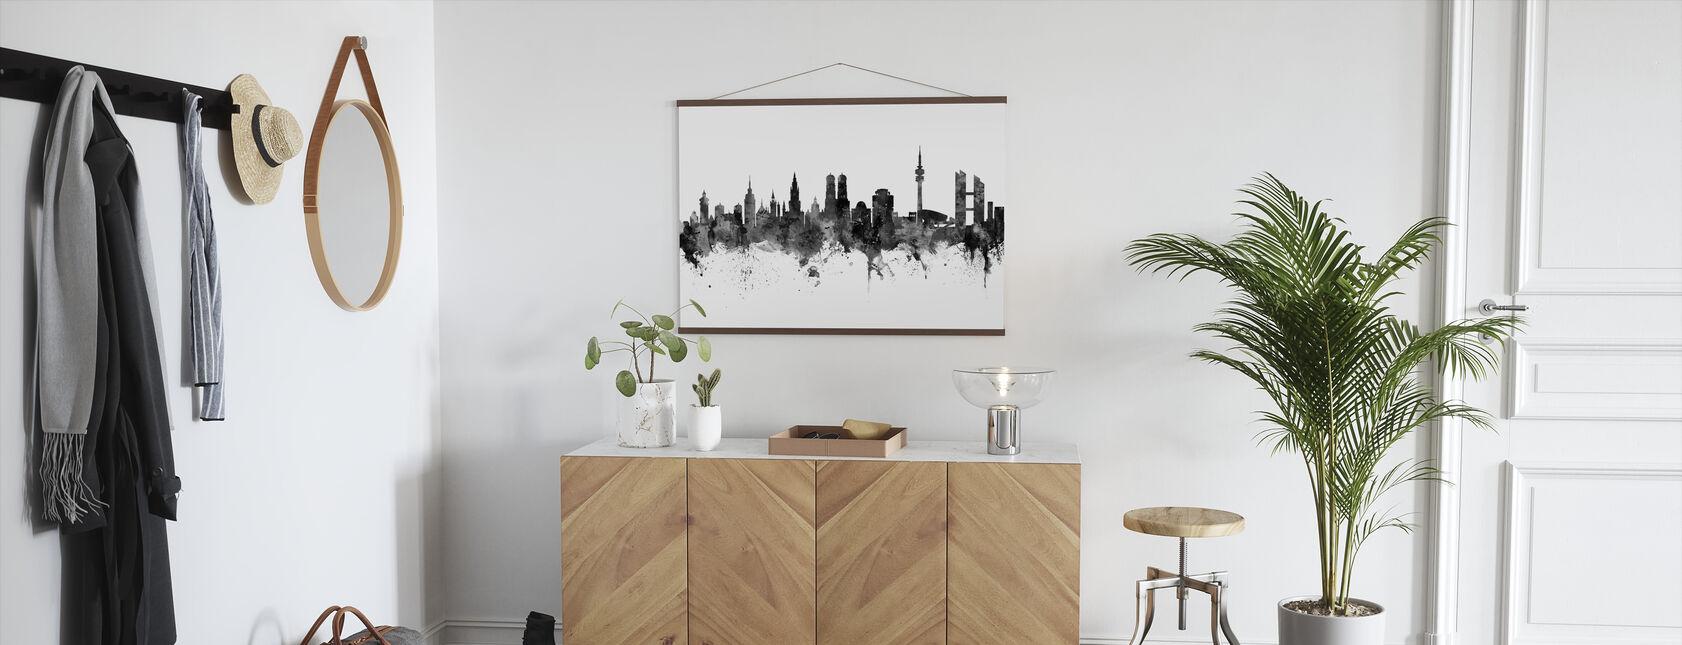 München Skyline, schwarz/weiß - Poster - Flur